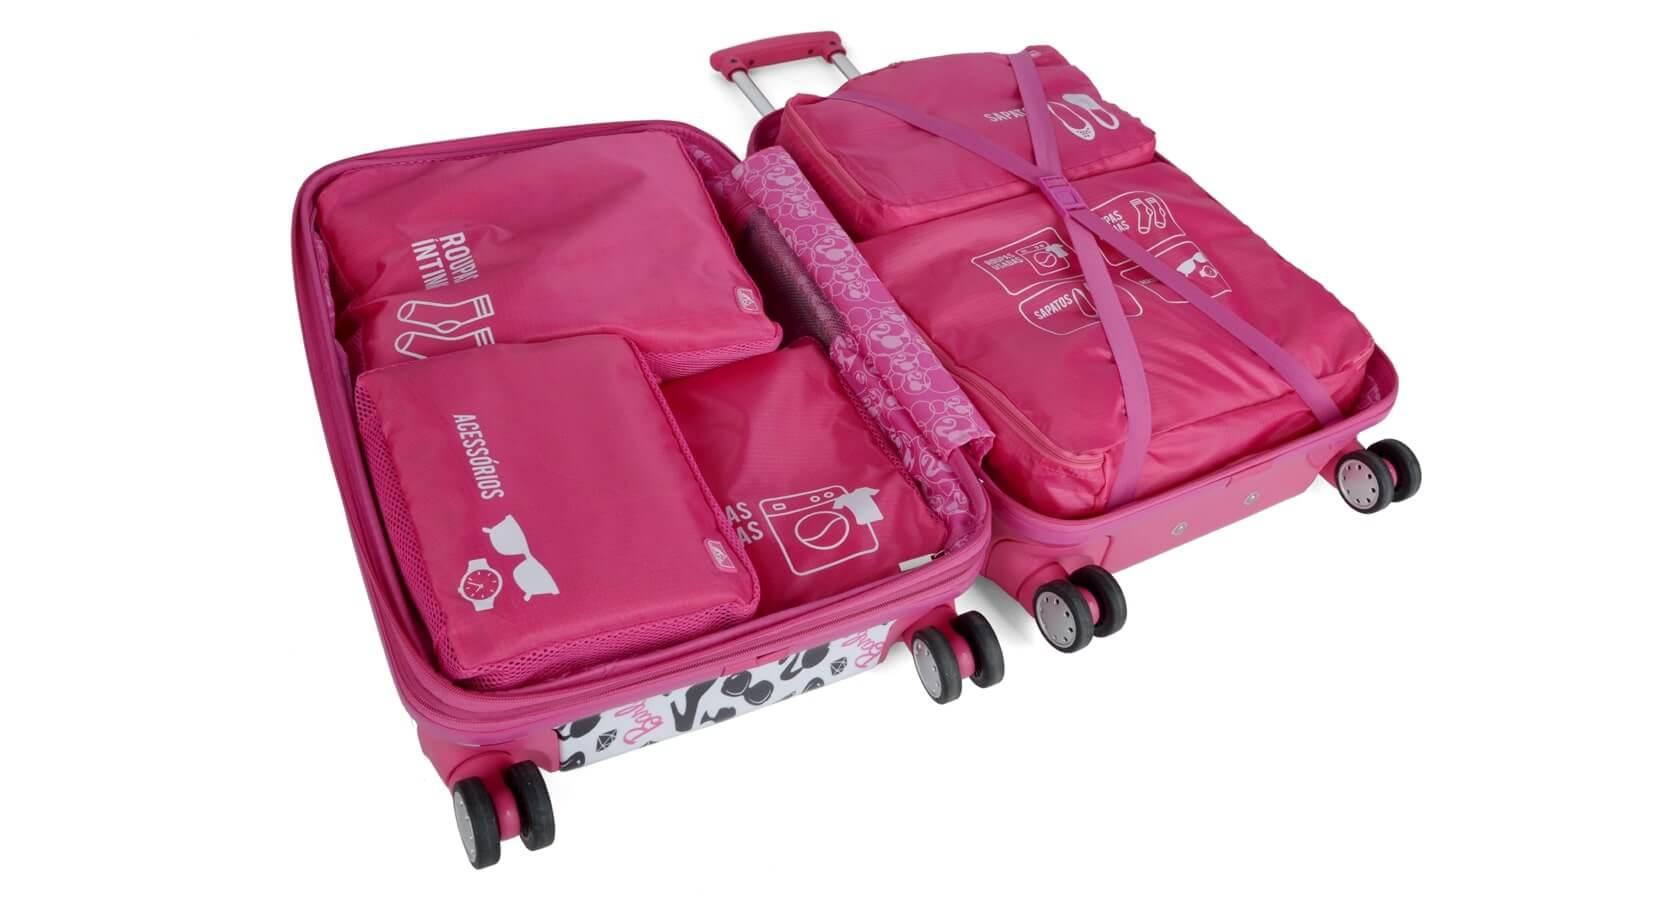 KIT Organizador de Bagagem Mala Viagem Rosa 5 pçs Necessaire